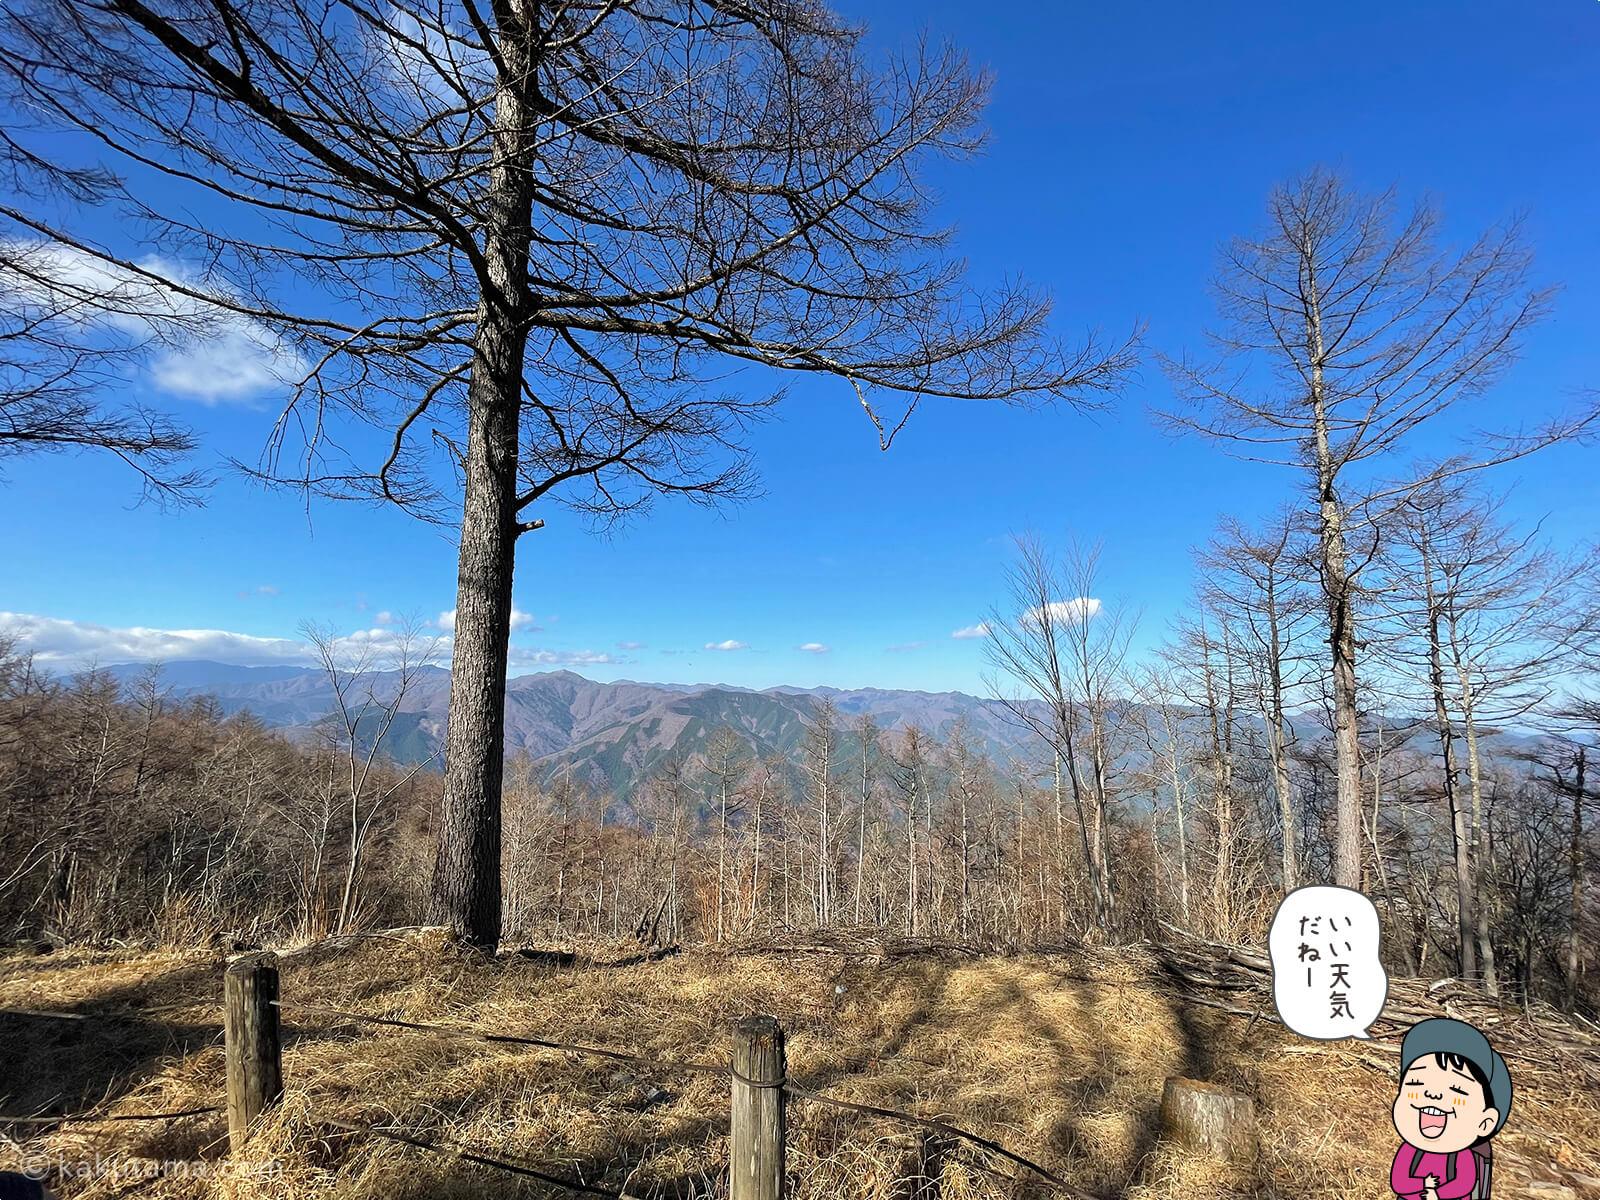 御前山山頂からの眺め